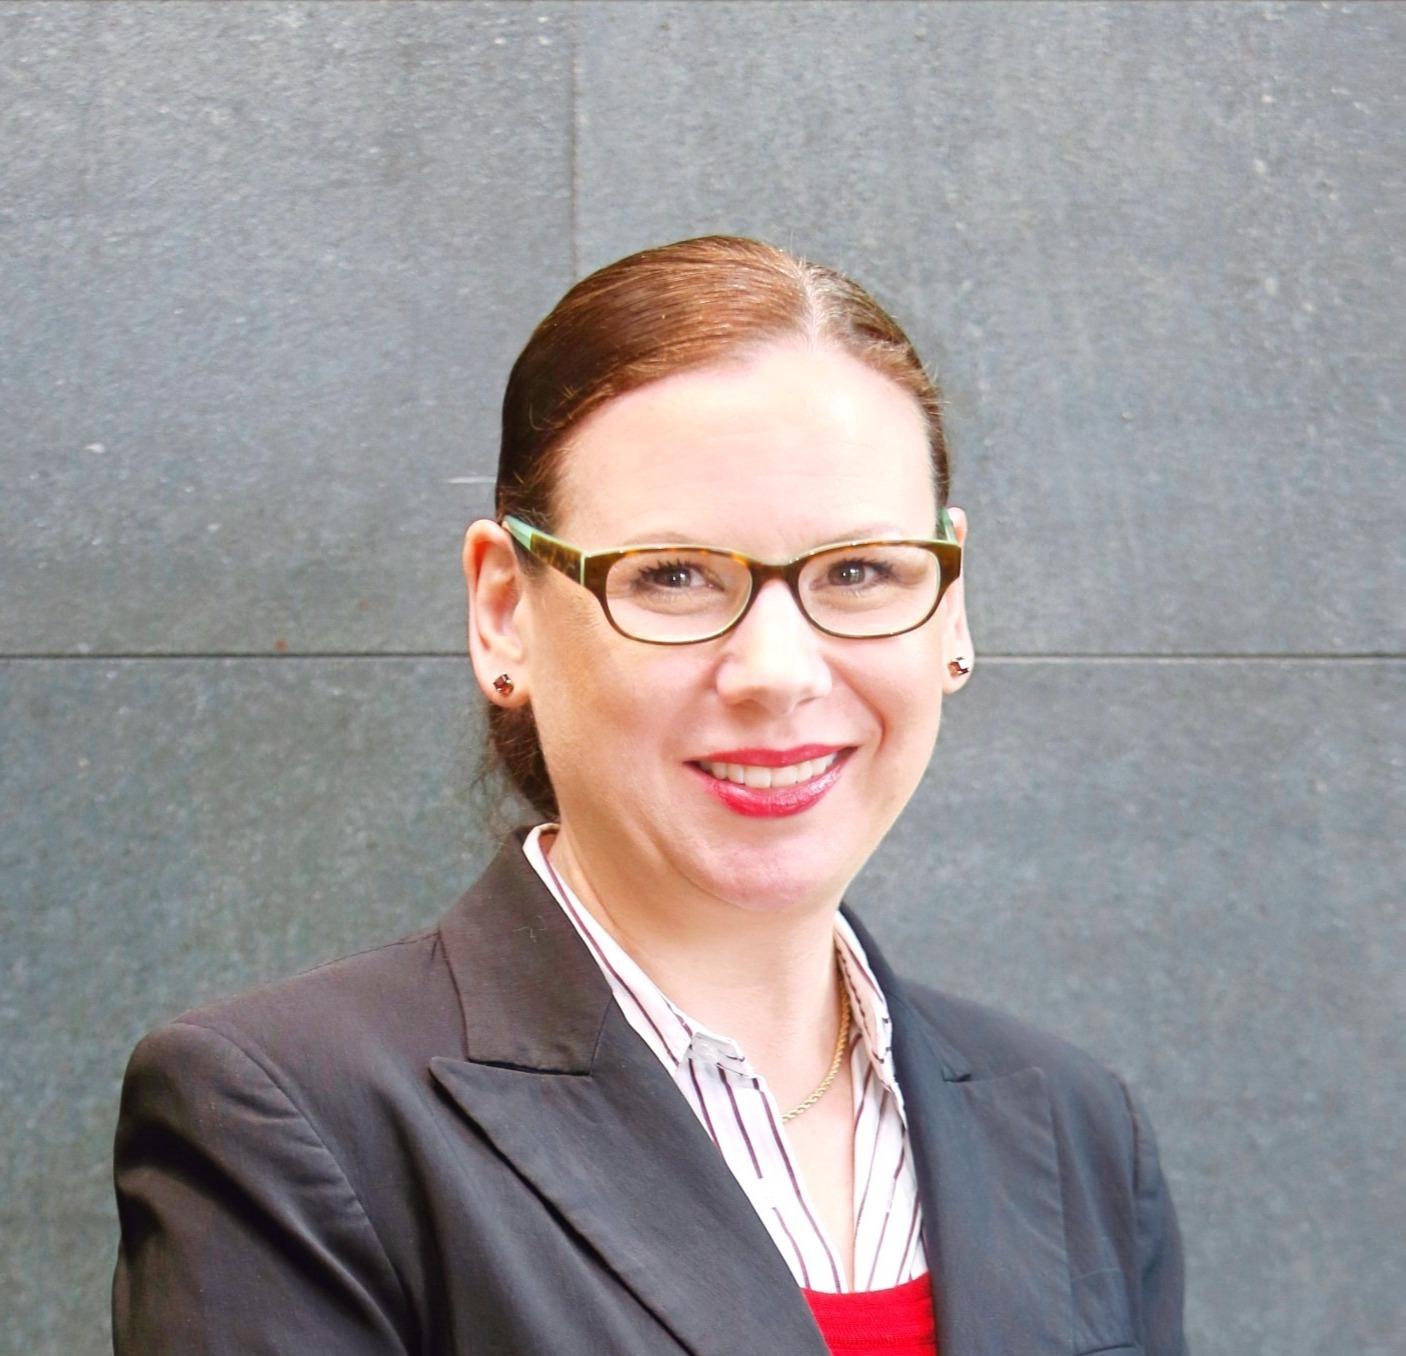 Annette Paroissien